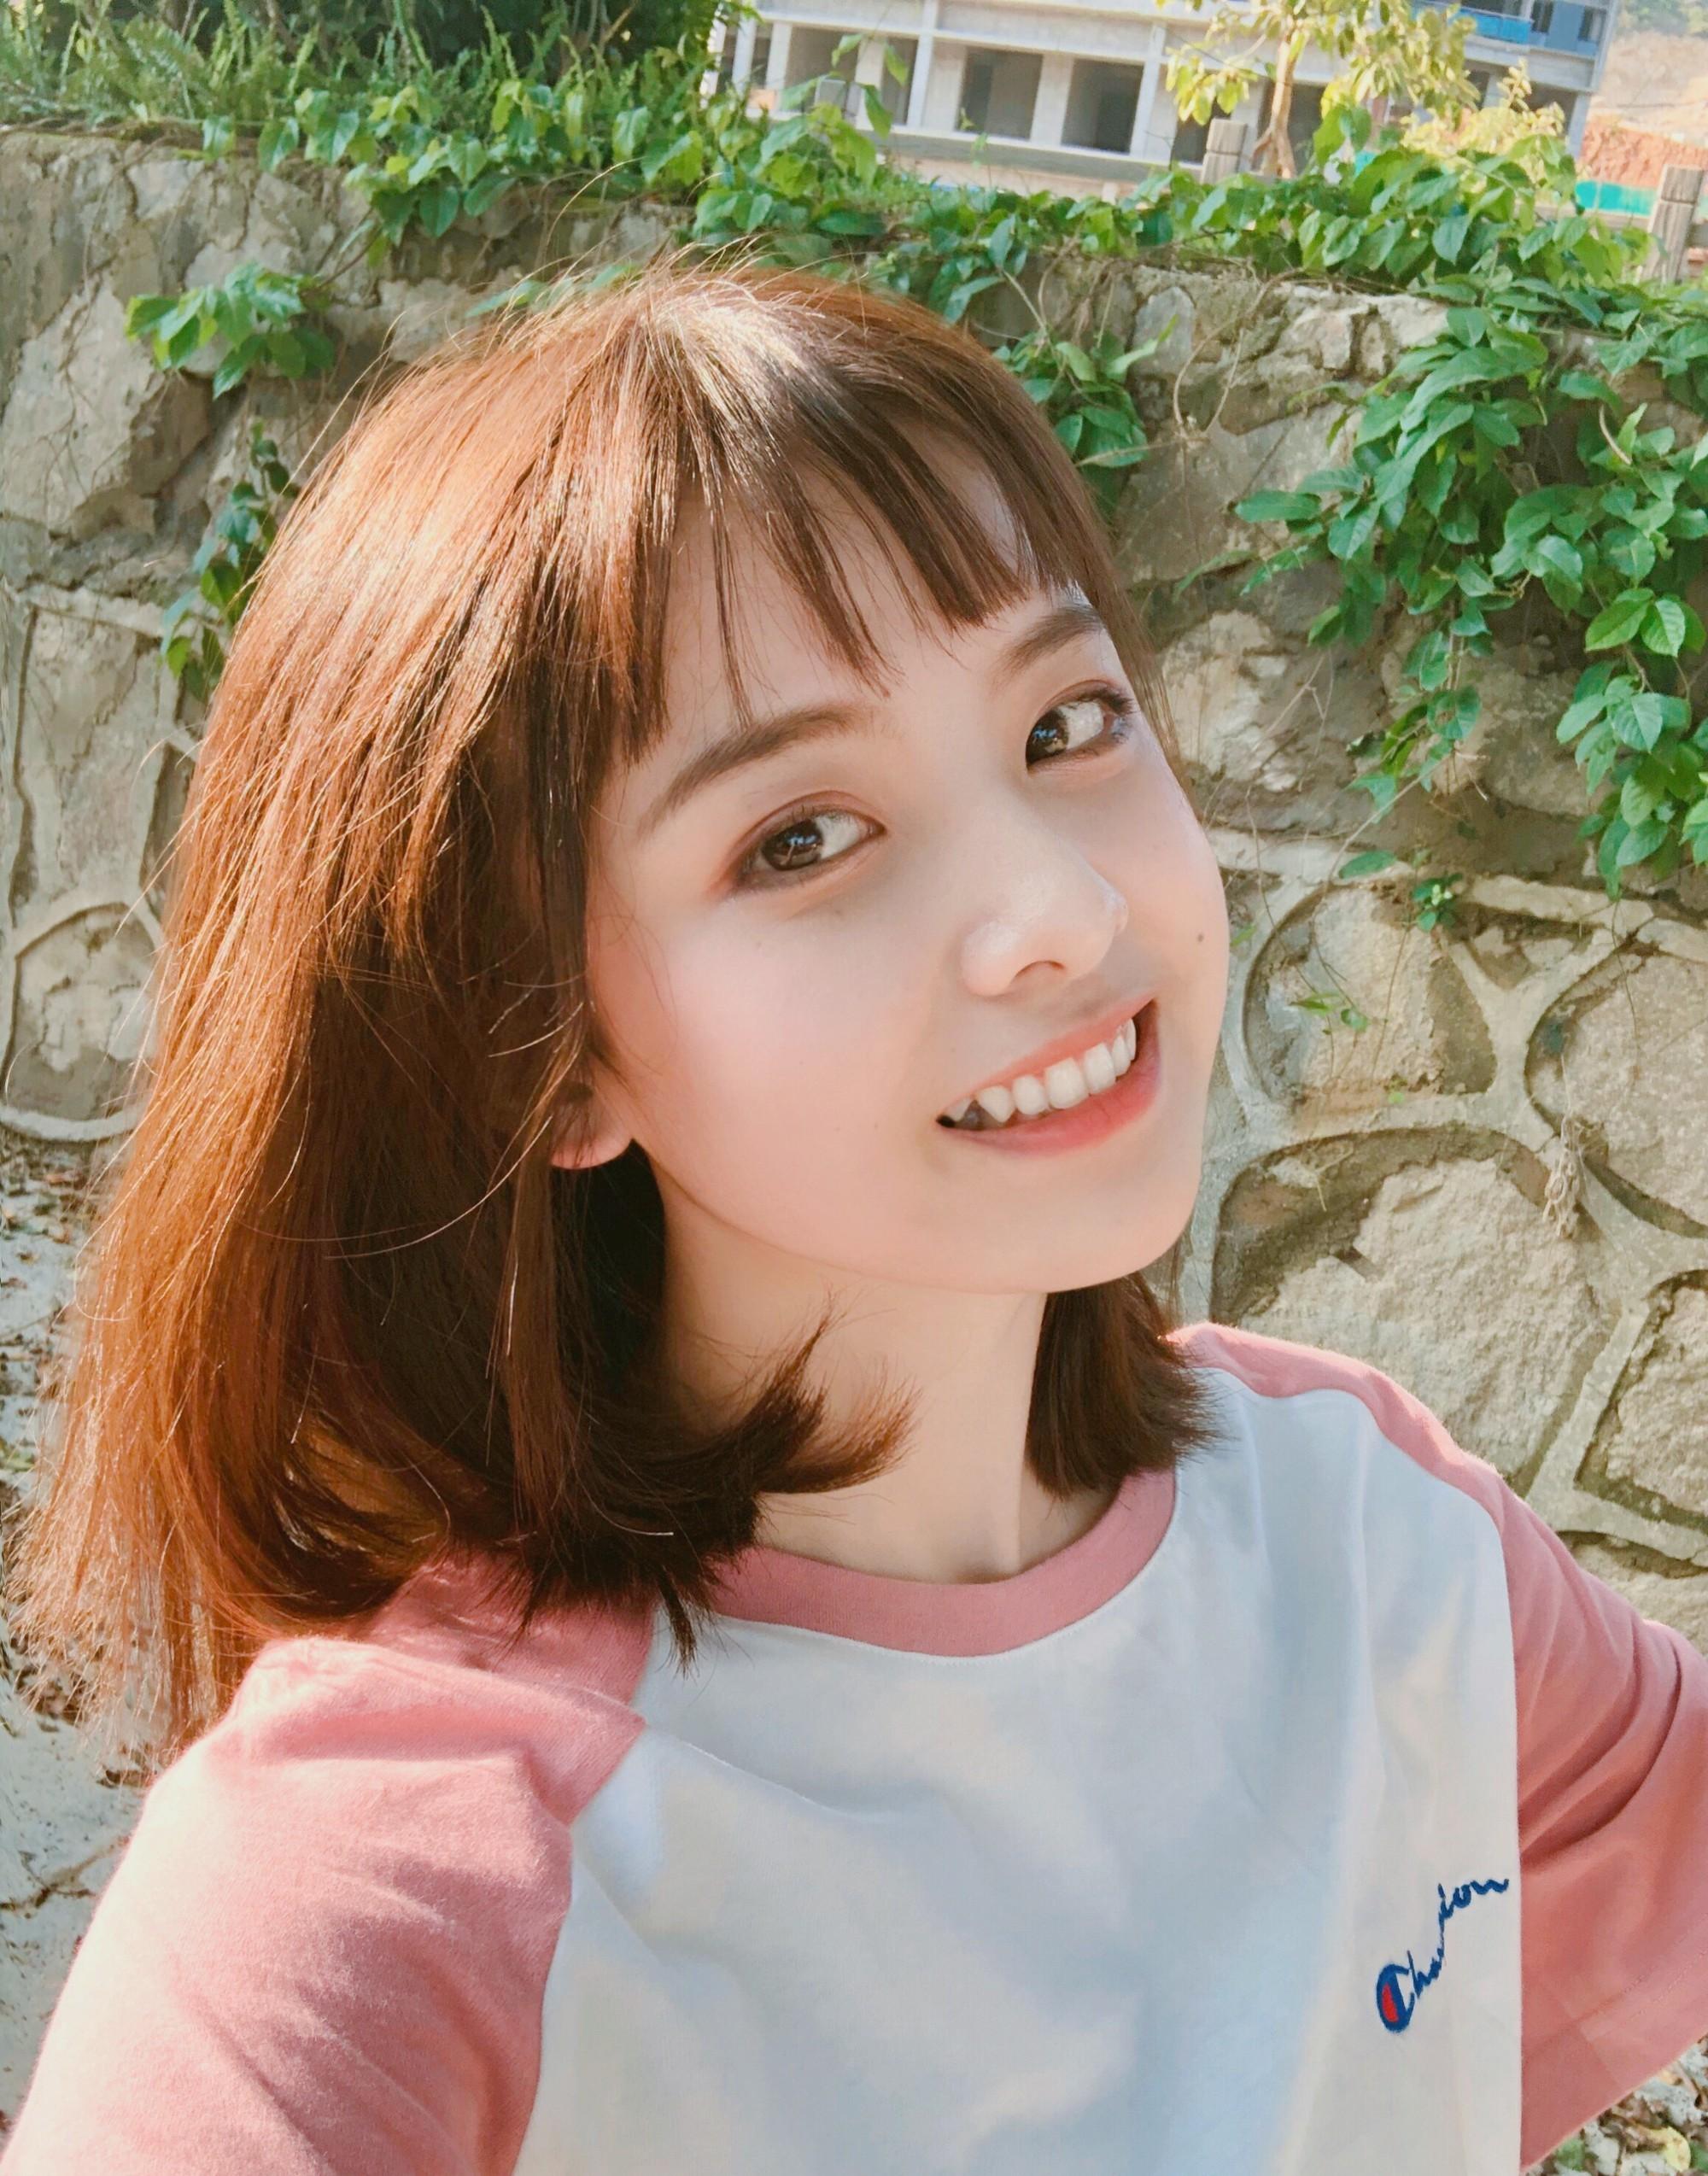 Nữ sinh 21 tuổi được mệnh danh IU phiên bản Trung khiến cả con trai lẫn con gái xin gia nhập fanclub - Ảnh 2.